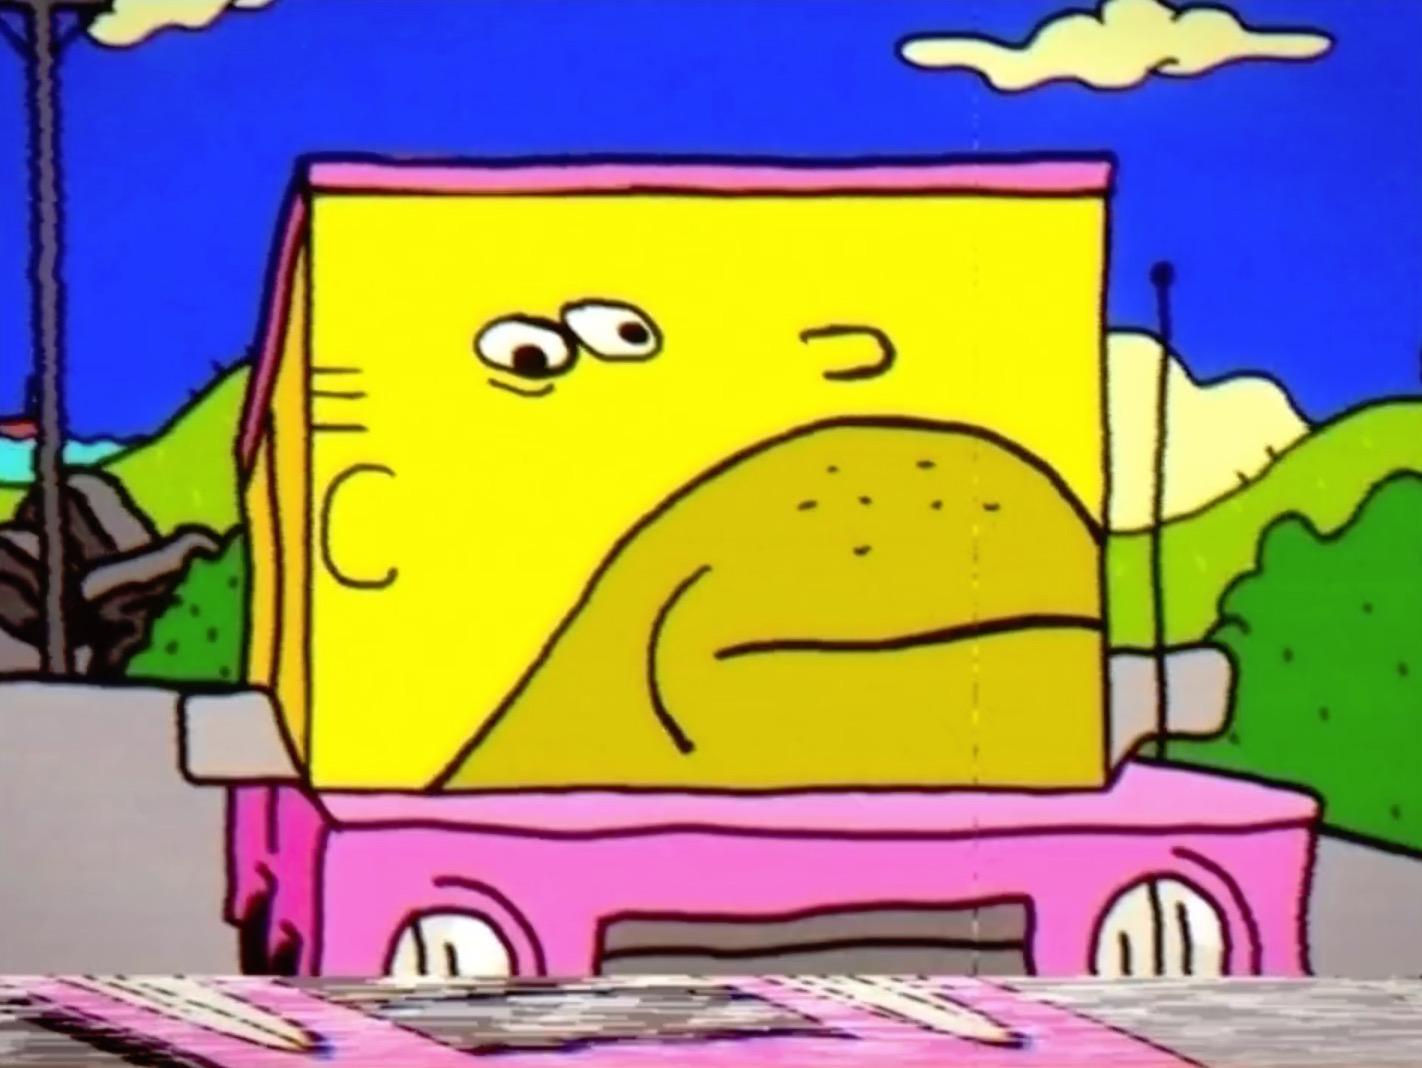 Sim, a gente ama os Simpsons mesmo não tendo assistido o desenho animado tem um belo tempo. Mas, o que Yoann Hervo é algo especial. Especial de um jeito complicado de explicar. Afinal, a abertura dos Simpsons dirigida por Yoann Hervo mostra um desenho animado distópico e totalmente bizarro. Aqui os rostos dos personagens são diferentes, distorcidos como as transições de cenas e pneus em chamas pelas ruas mostram que algo errado aconteceu.